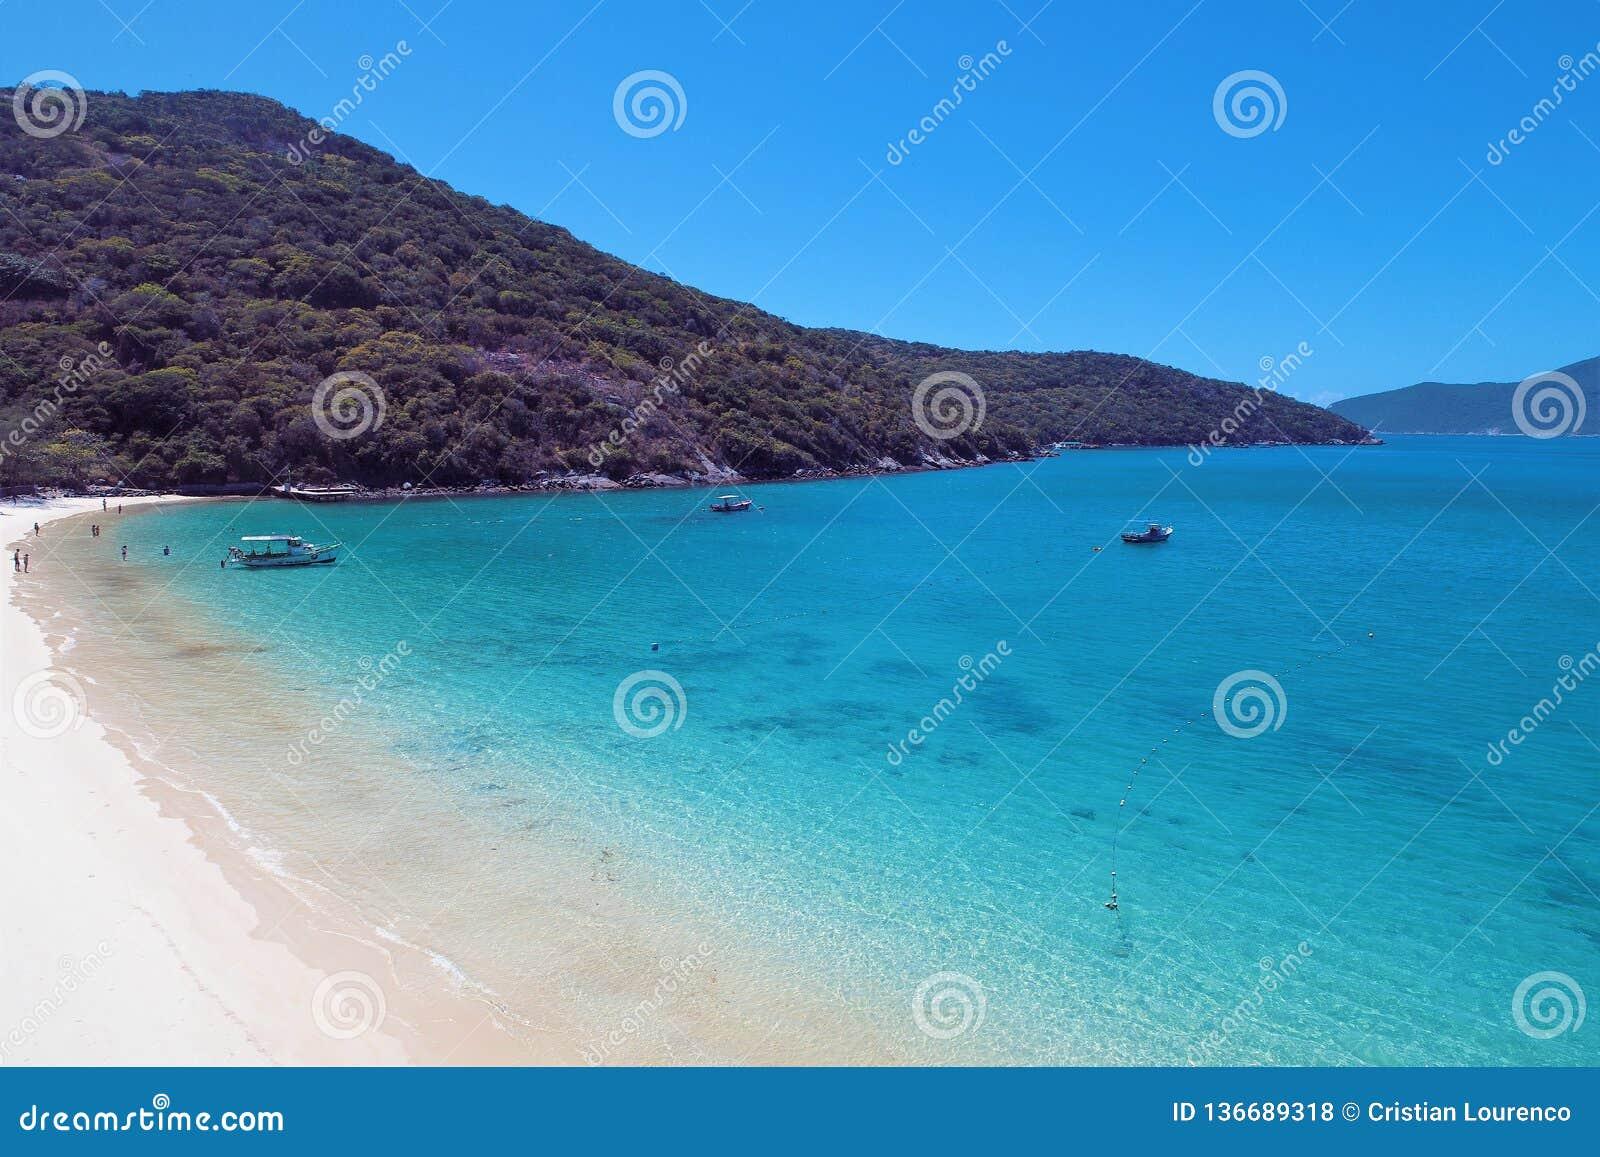 Arraial faz Cabo, Brasil: Vista da praia bonita com água de cristal